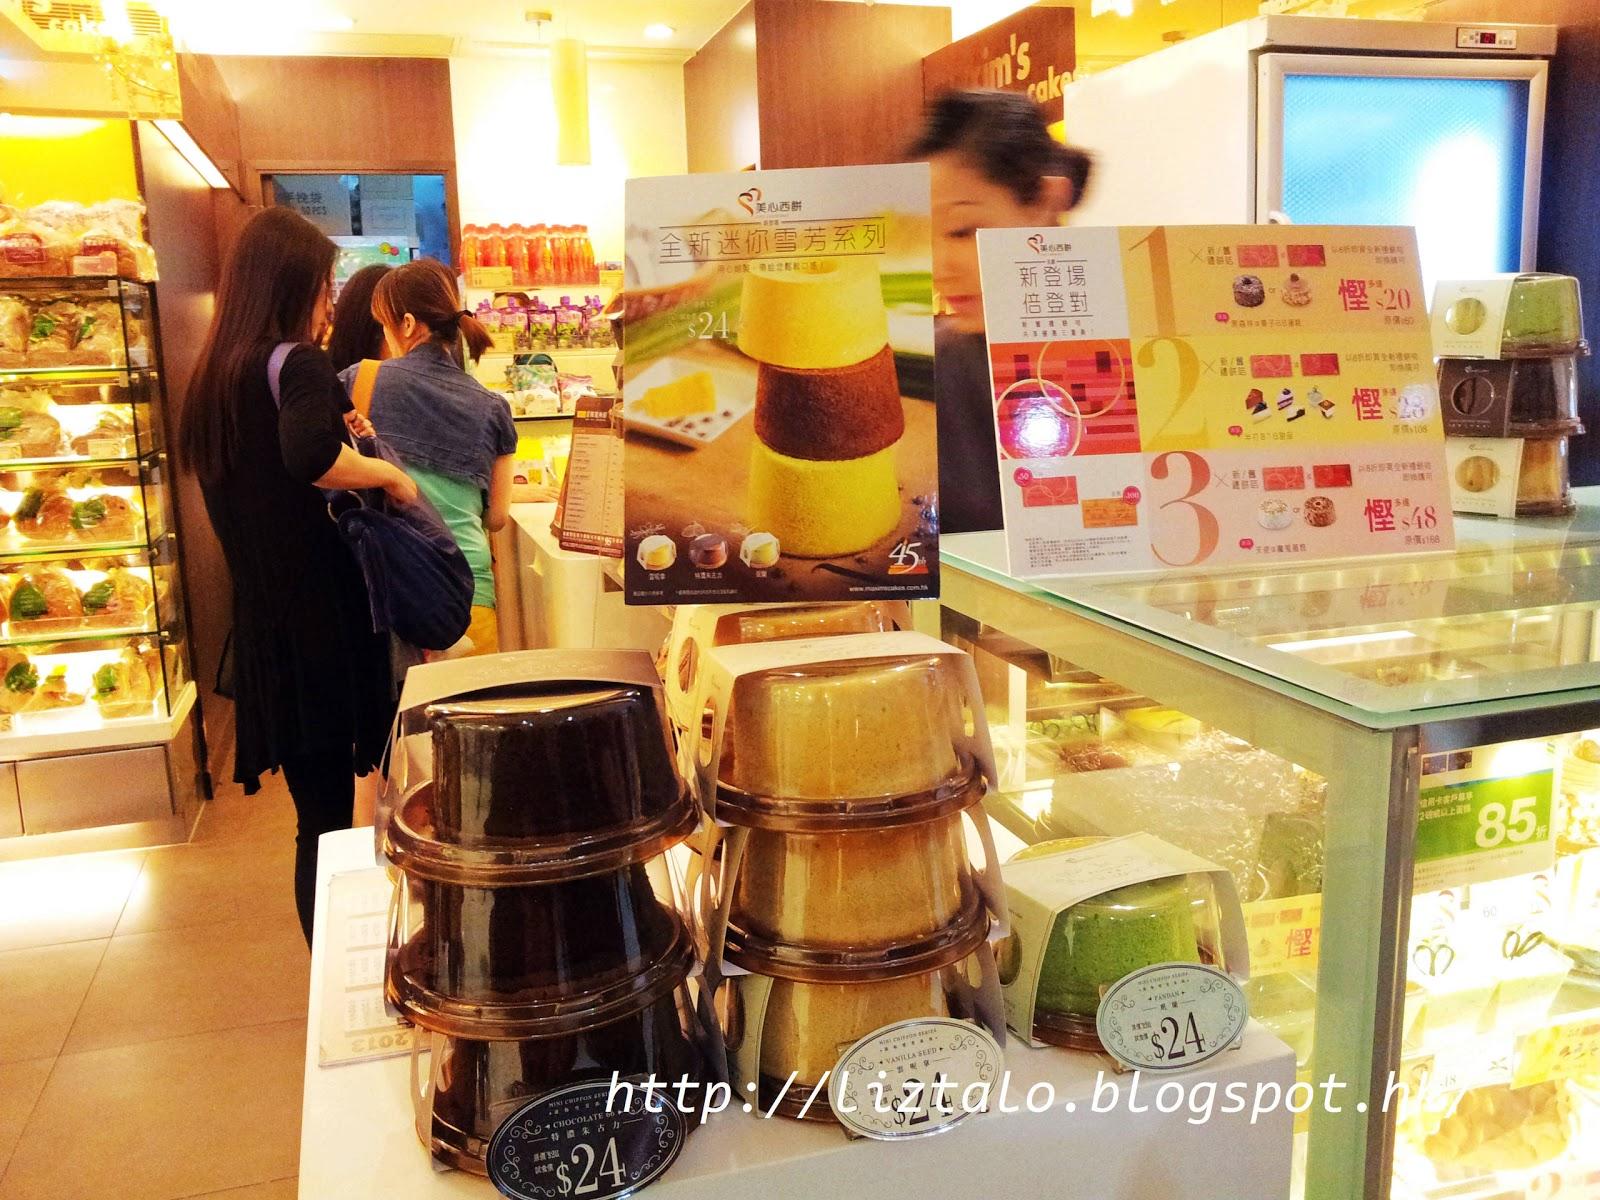 全新三色迷你chiffon cake @美心西餅 SeeWide